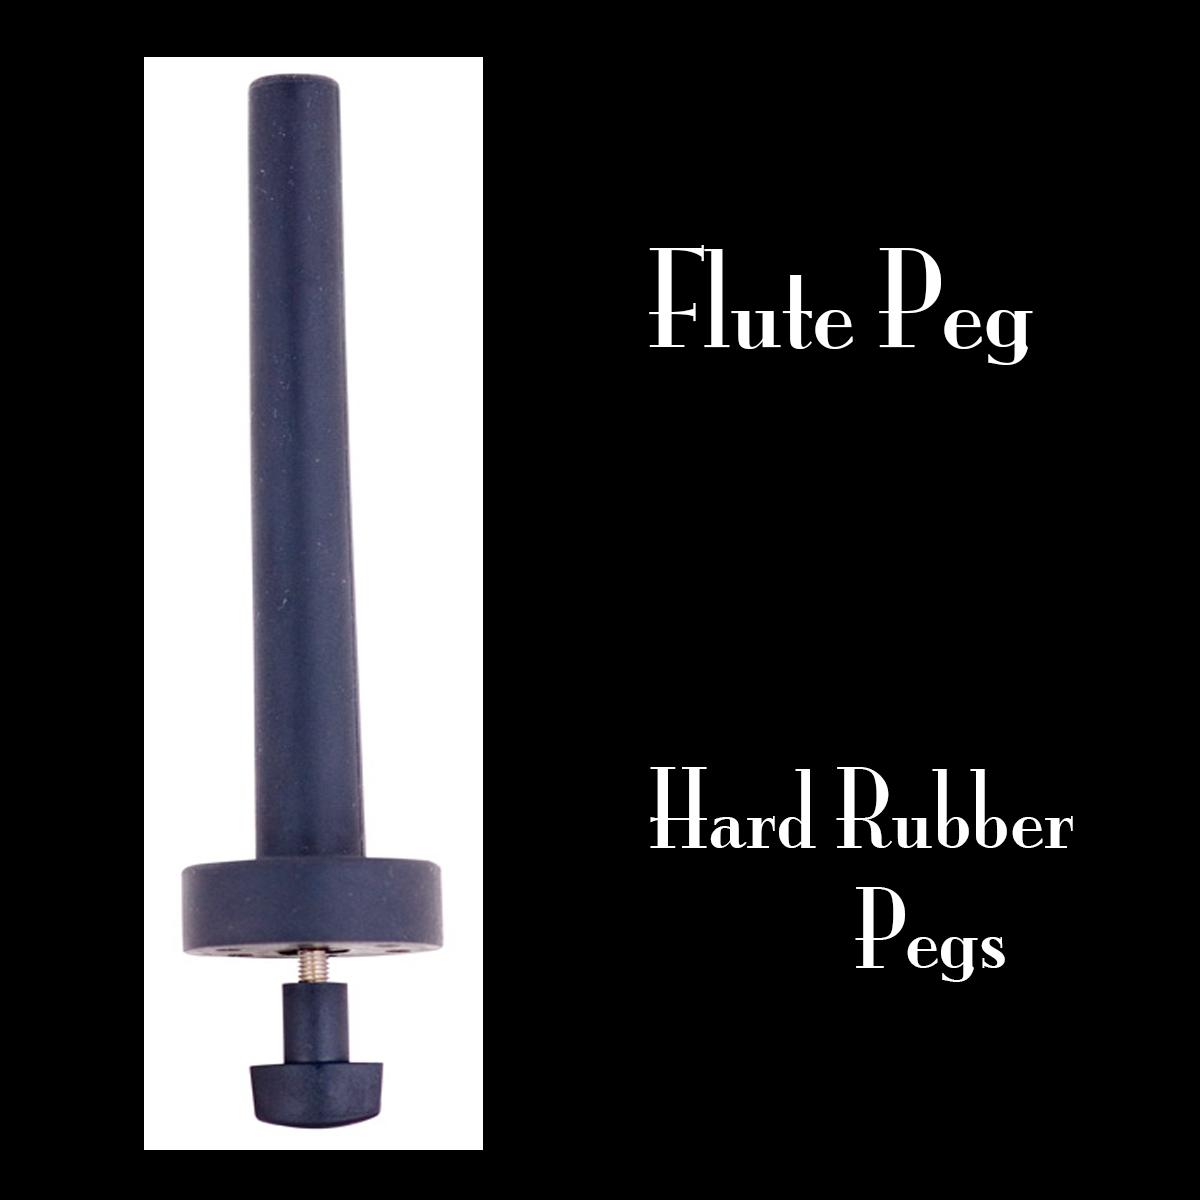 Flute Peg